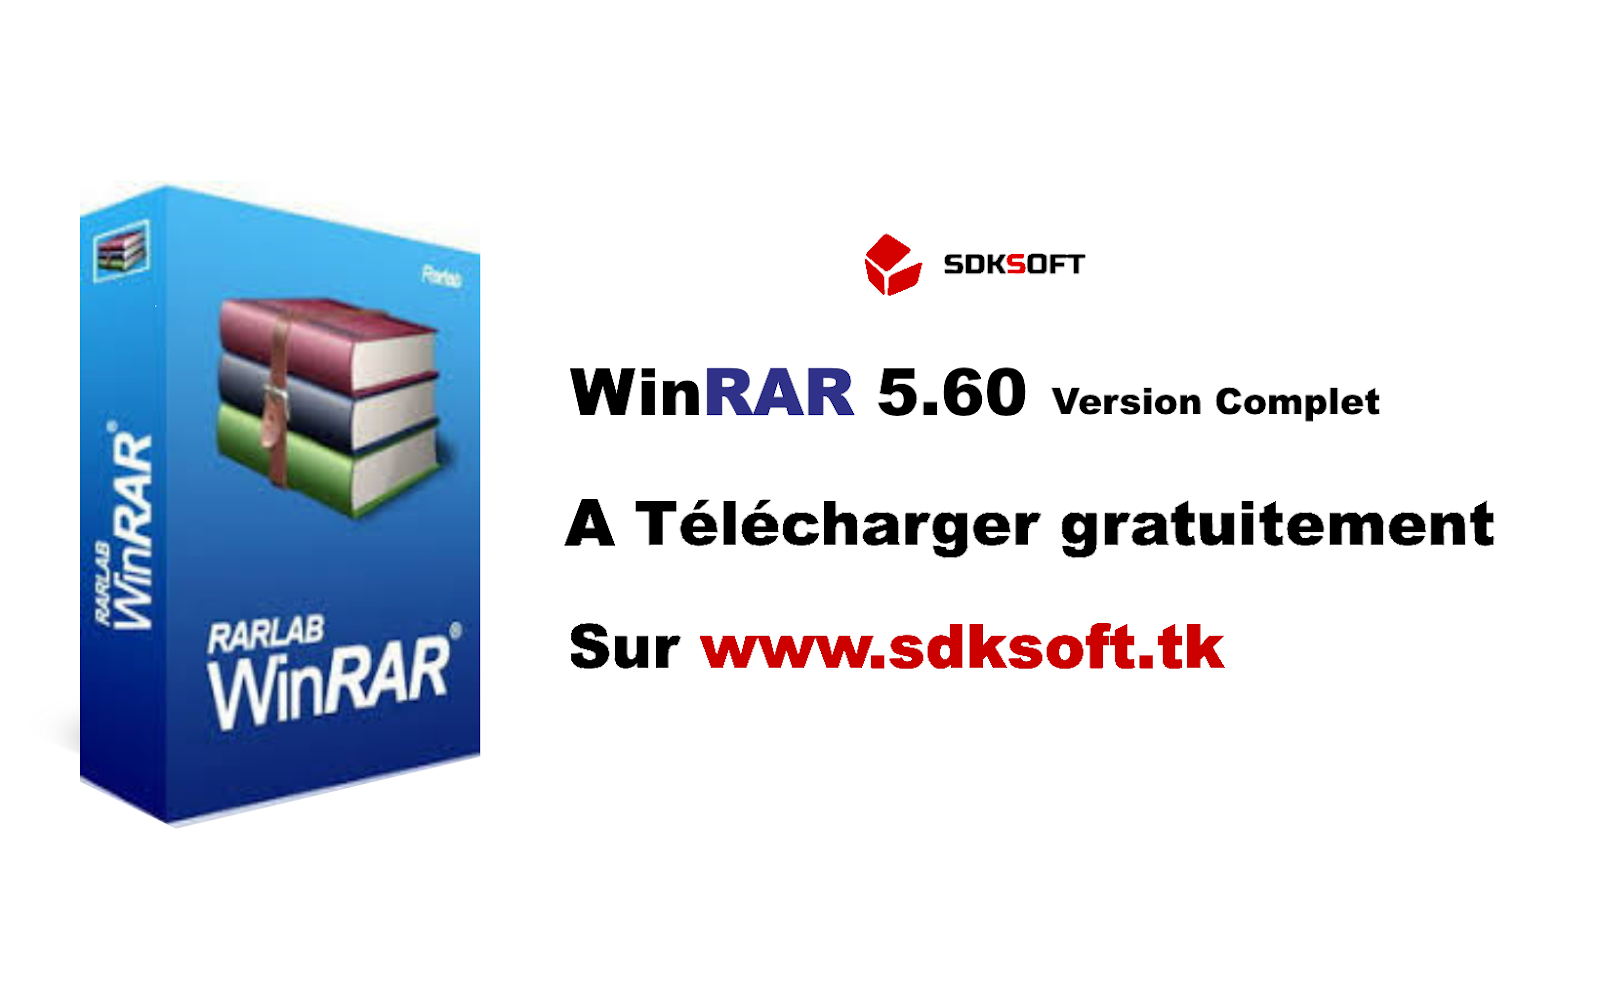 Scrat - 21 ans // Alsace  MT-09 2018  MotoVlog // Tests de motos // Tech ... Bon visionnage !